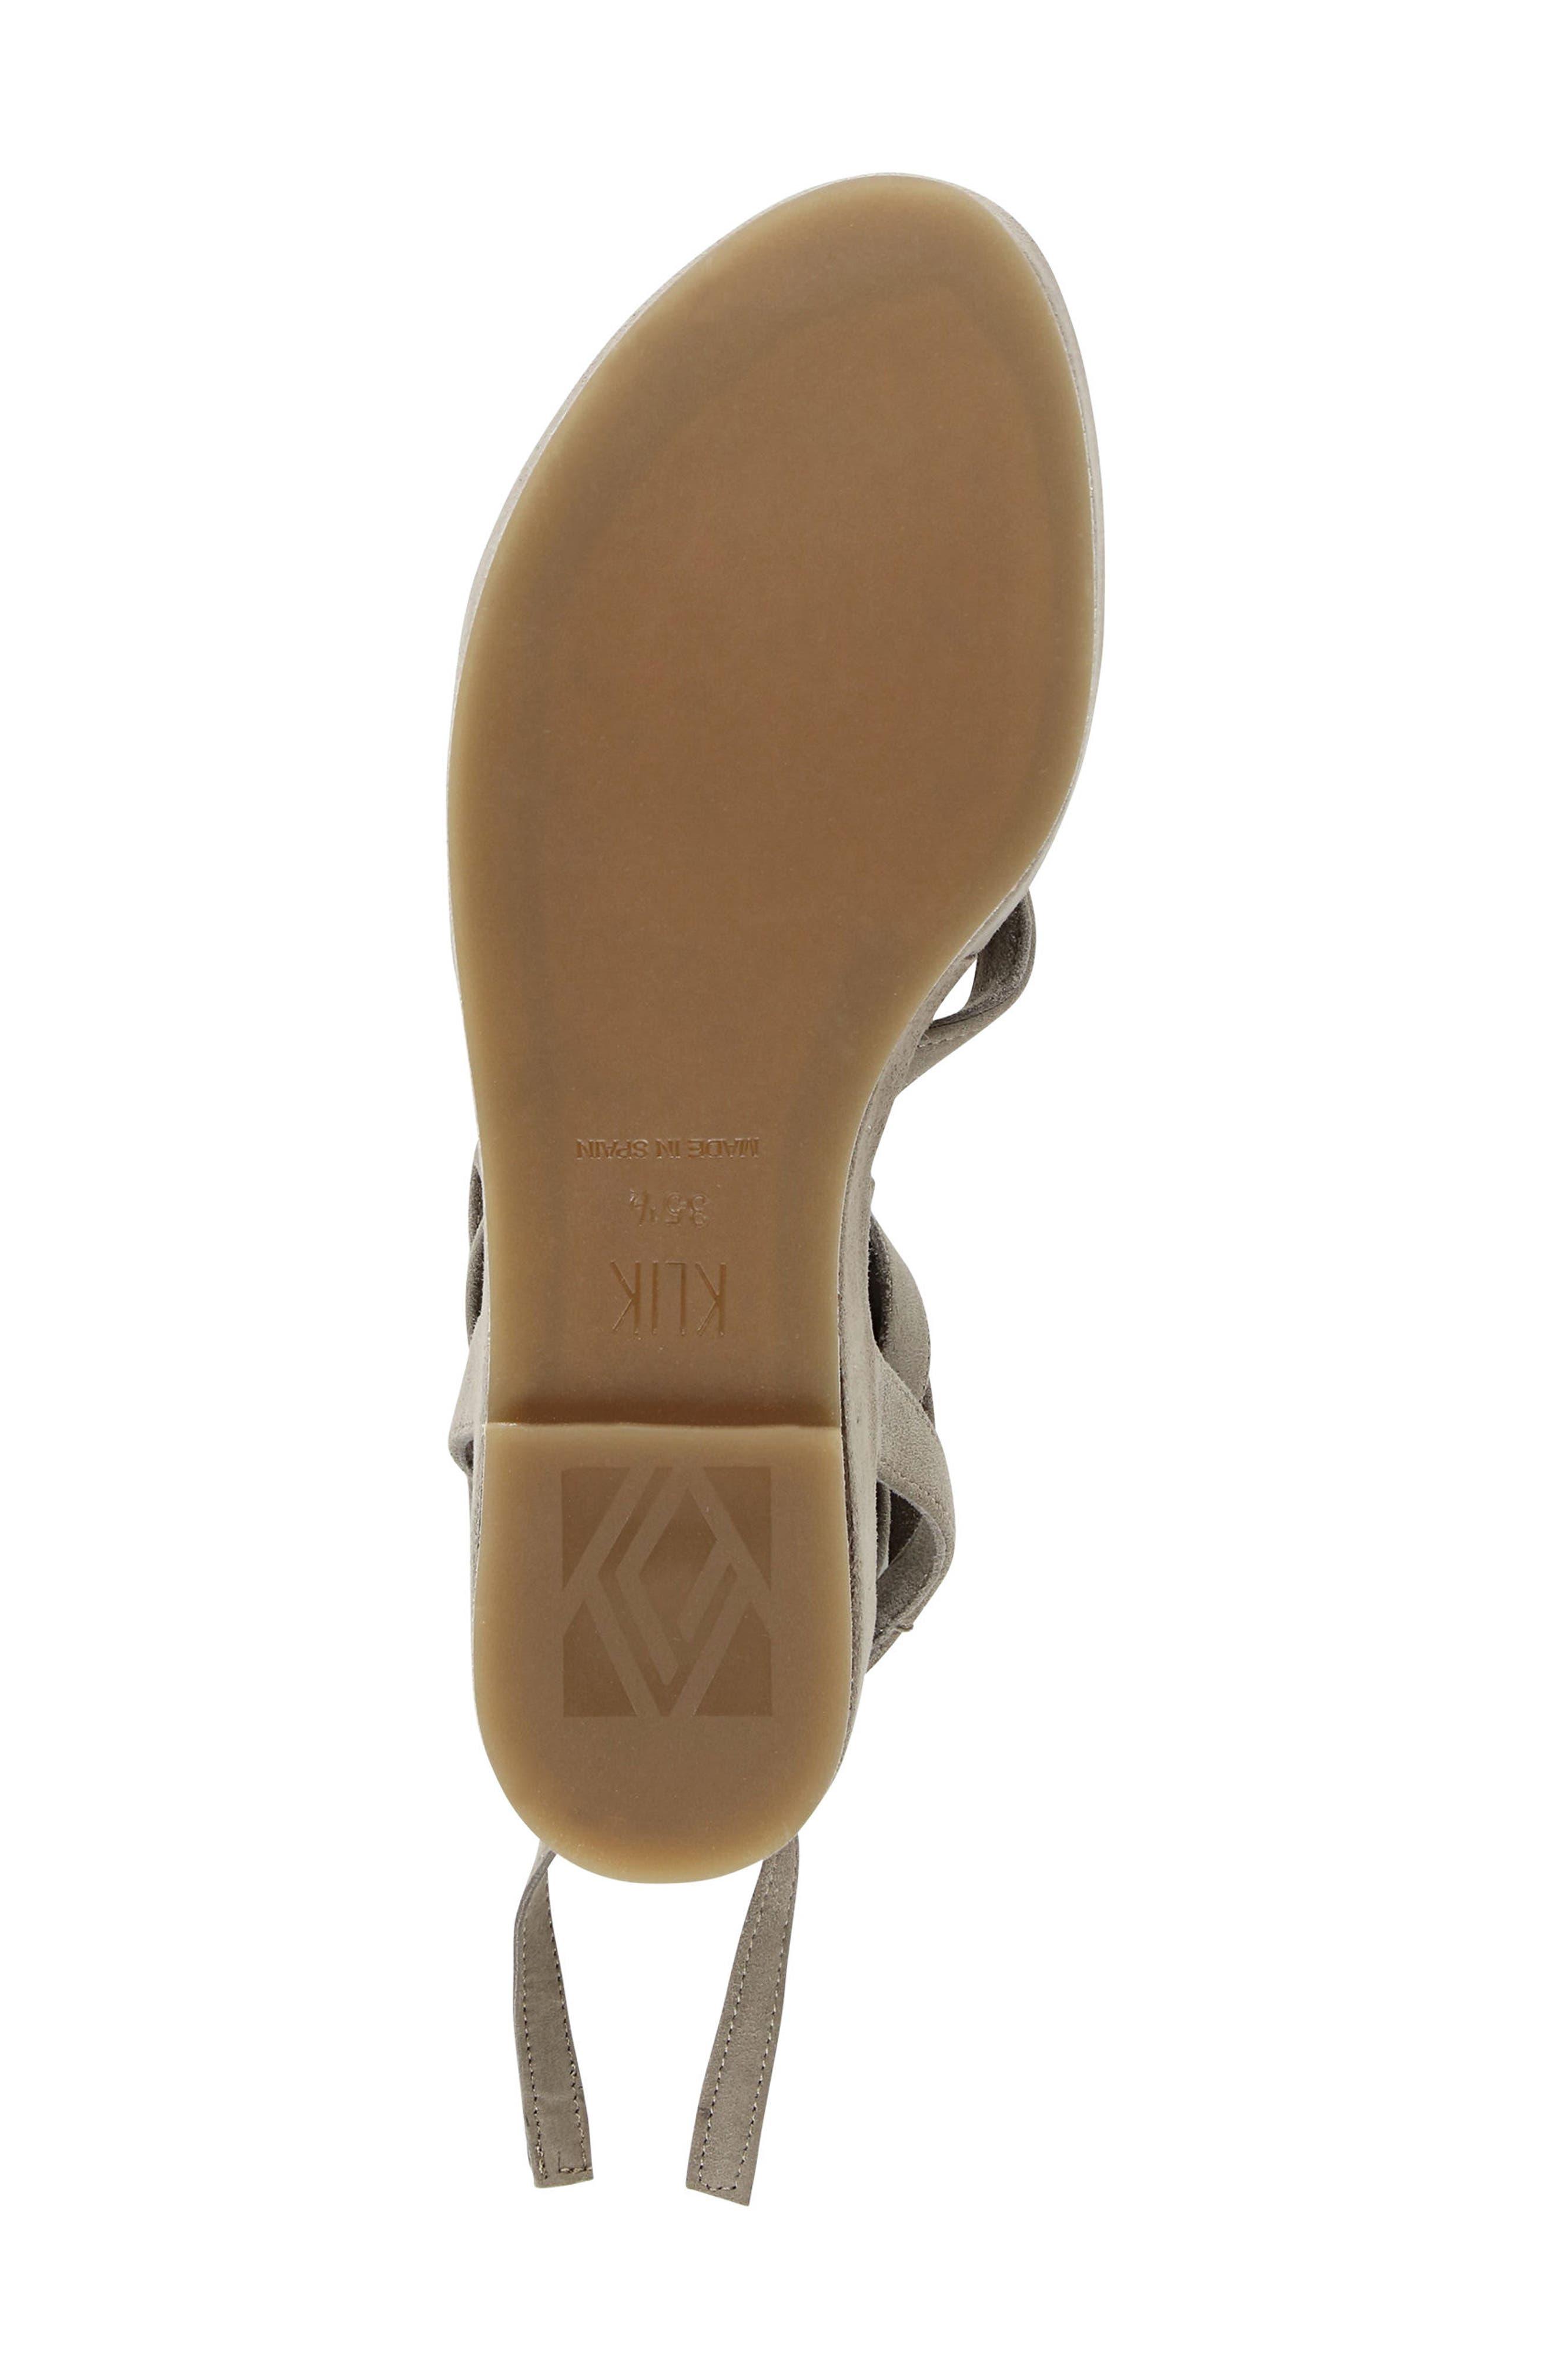 Keri Gladiator Platform Sandal,                             Alternate thumbnail 7, color,                             Camel Suede